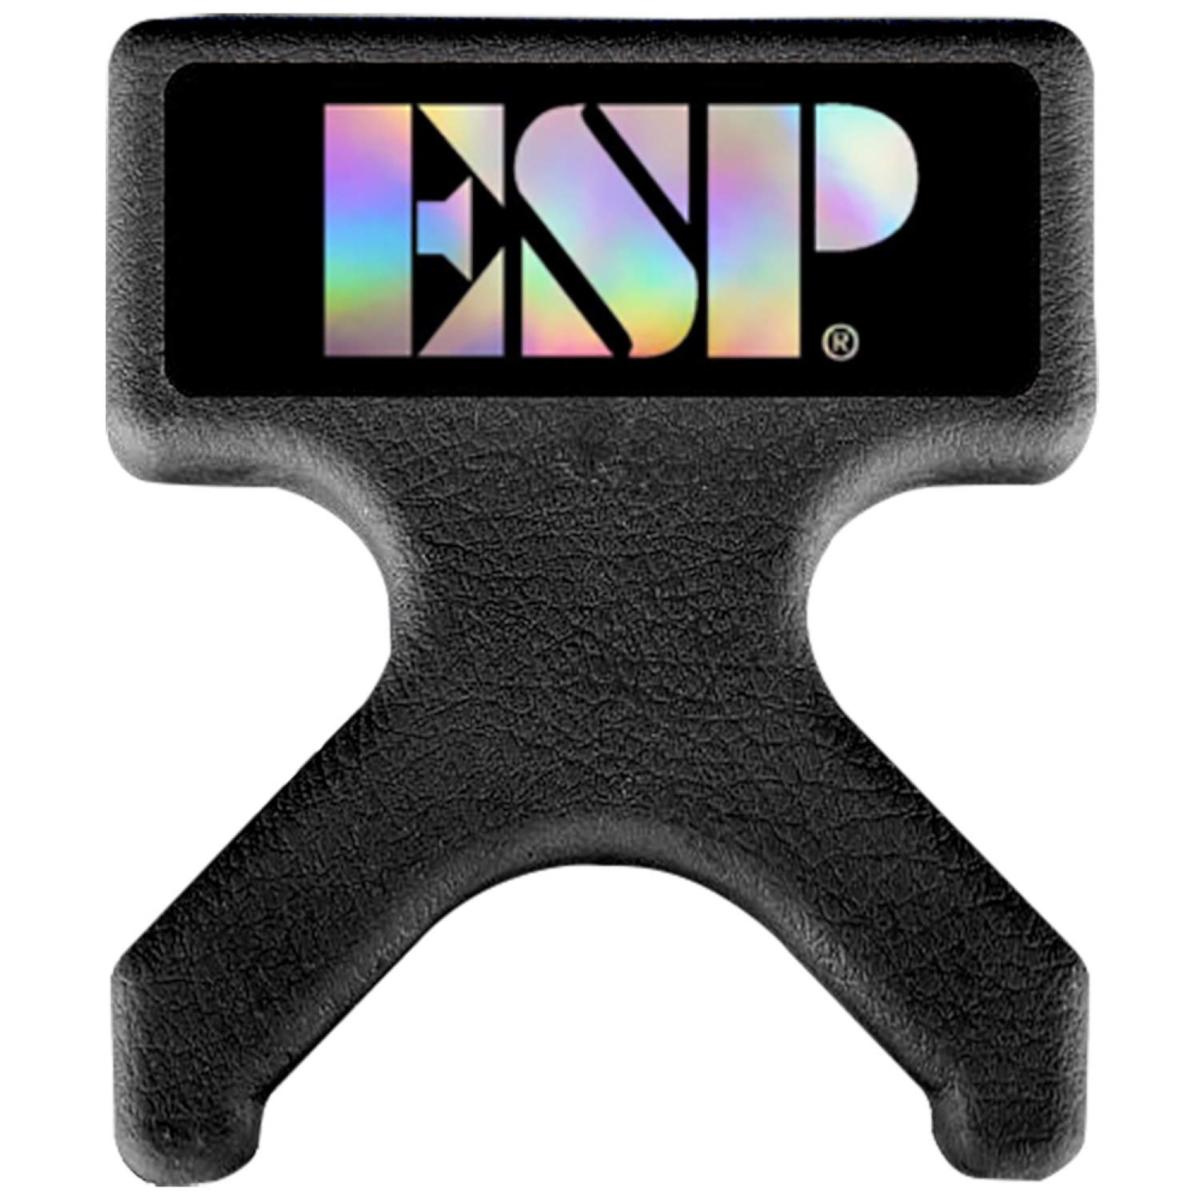 【ネコポスで送料無料♪】ESP AXE HANDLER BLK PORTABLE GUITAR STAND ポータブル ギタースタンド 【即納可能】